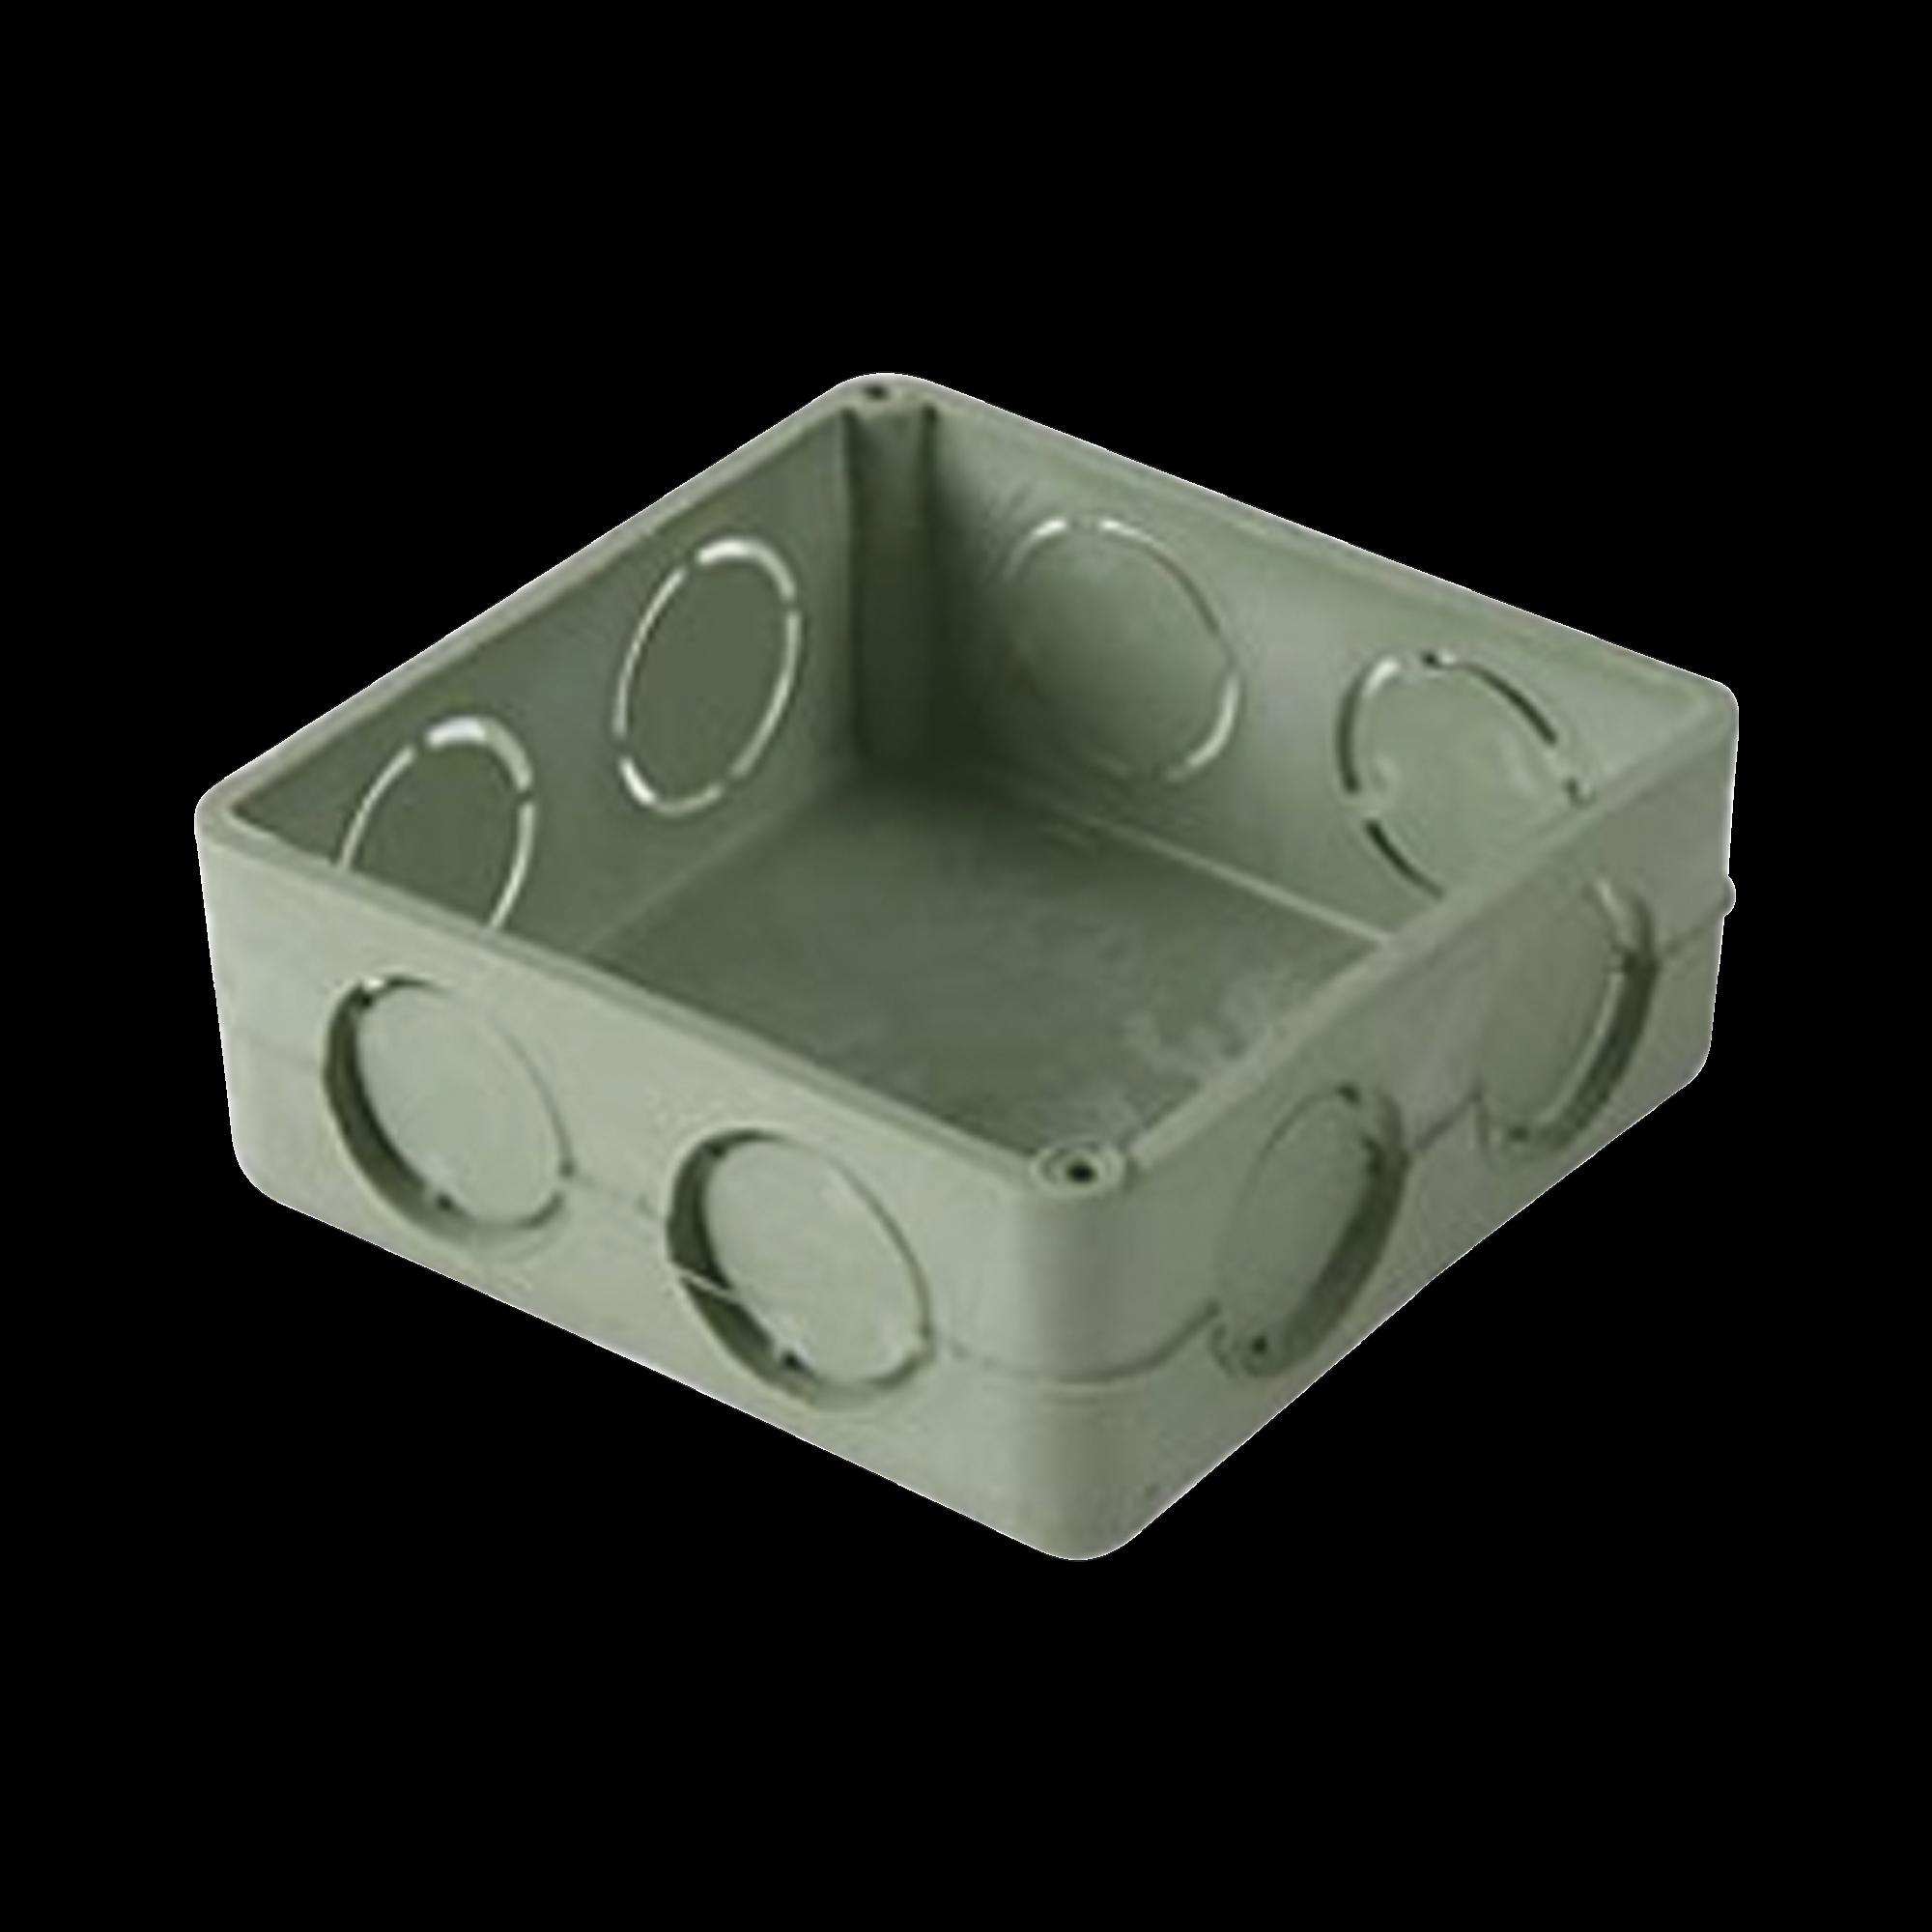 Caja cuadrada de 1  para instalaciones con tuberia PVC Conduit pesado